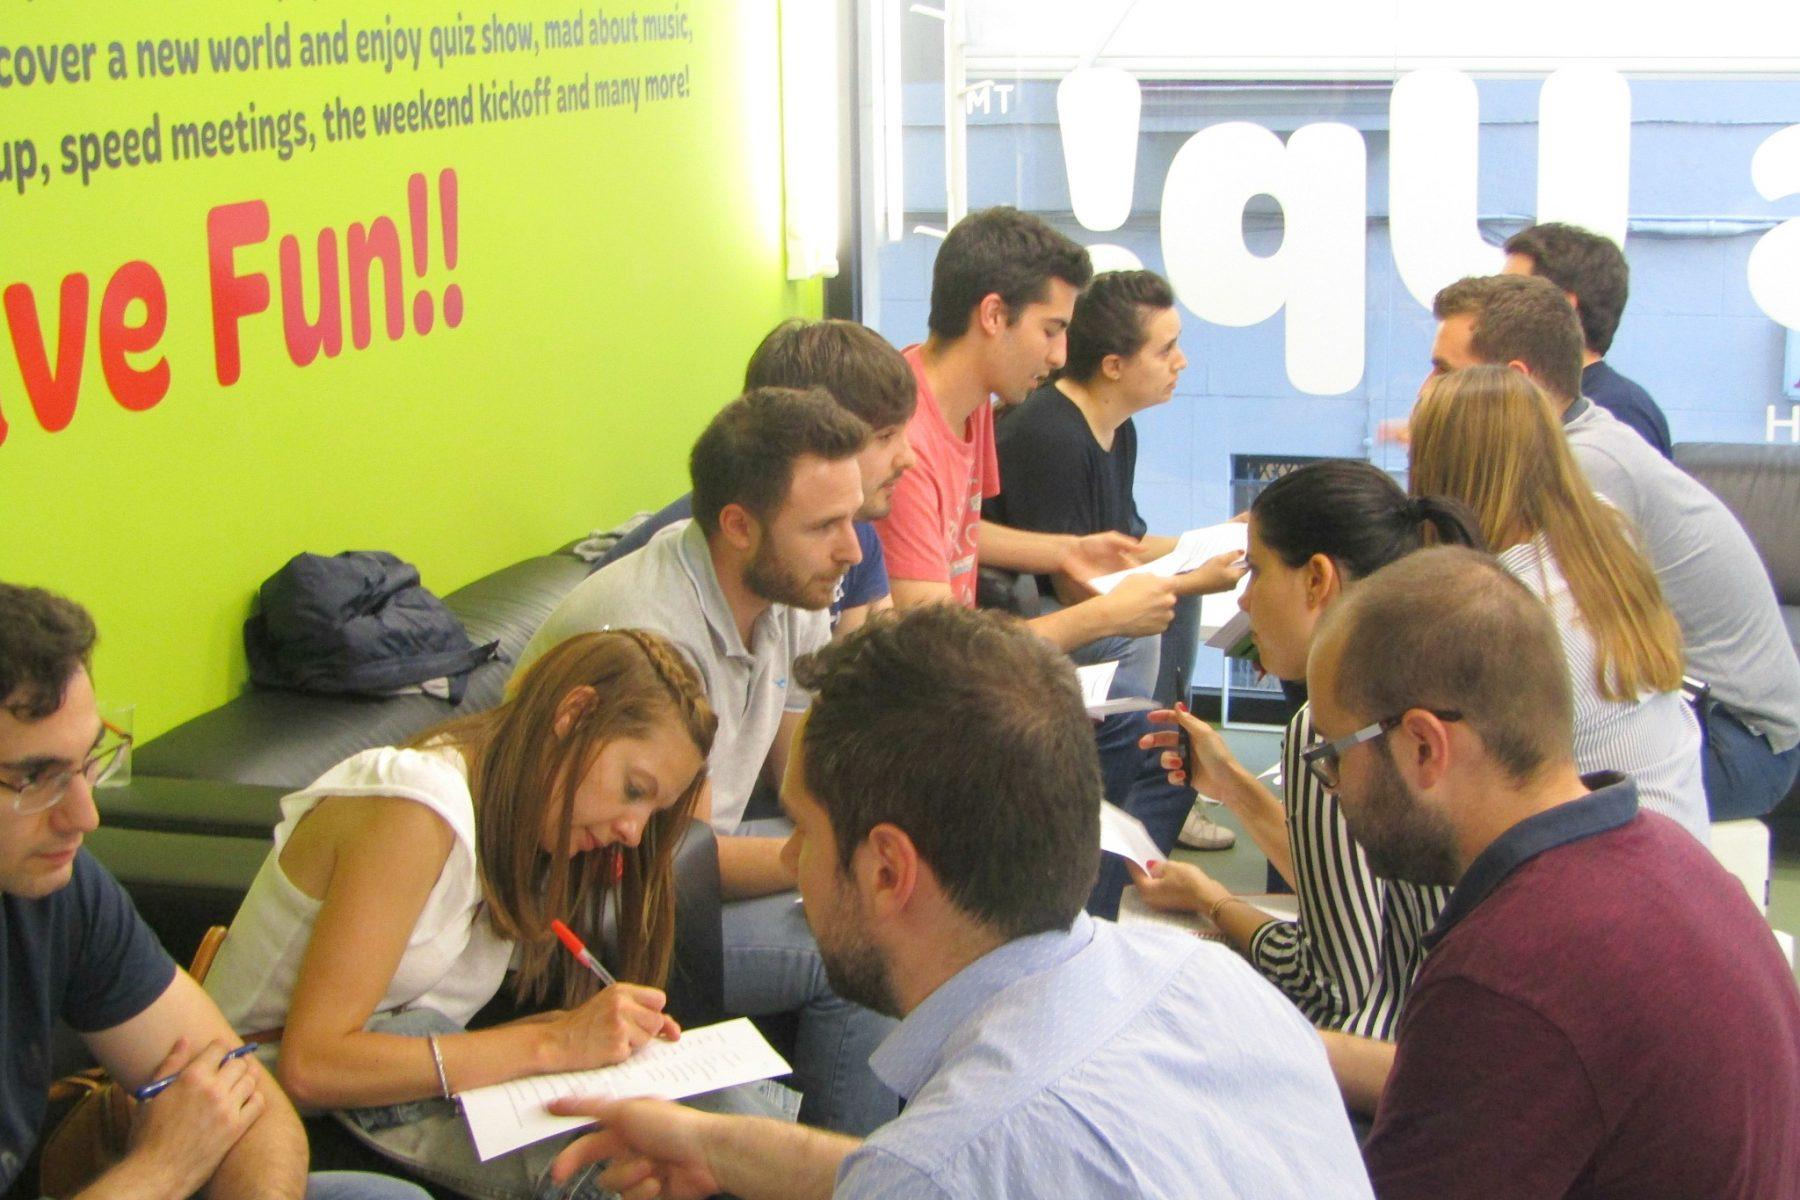 Sesión de speed networking en inglés en una academia What's Up! donde los alumnos aprenden a comunicarse en entornos laborales